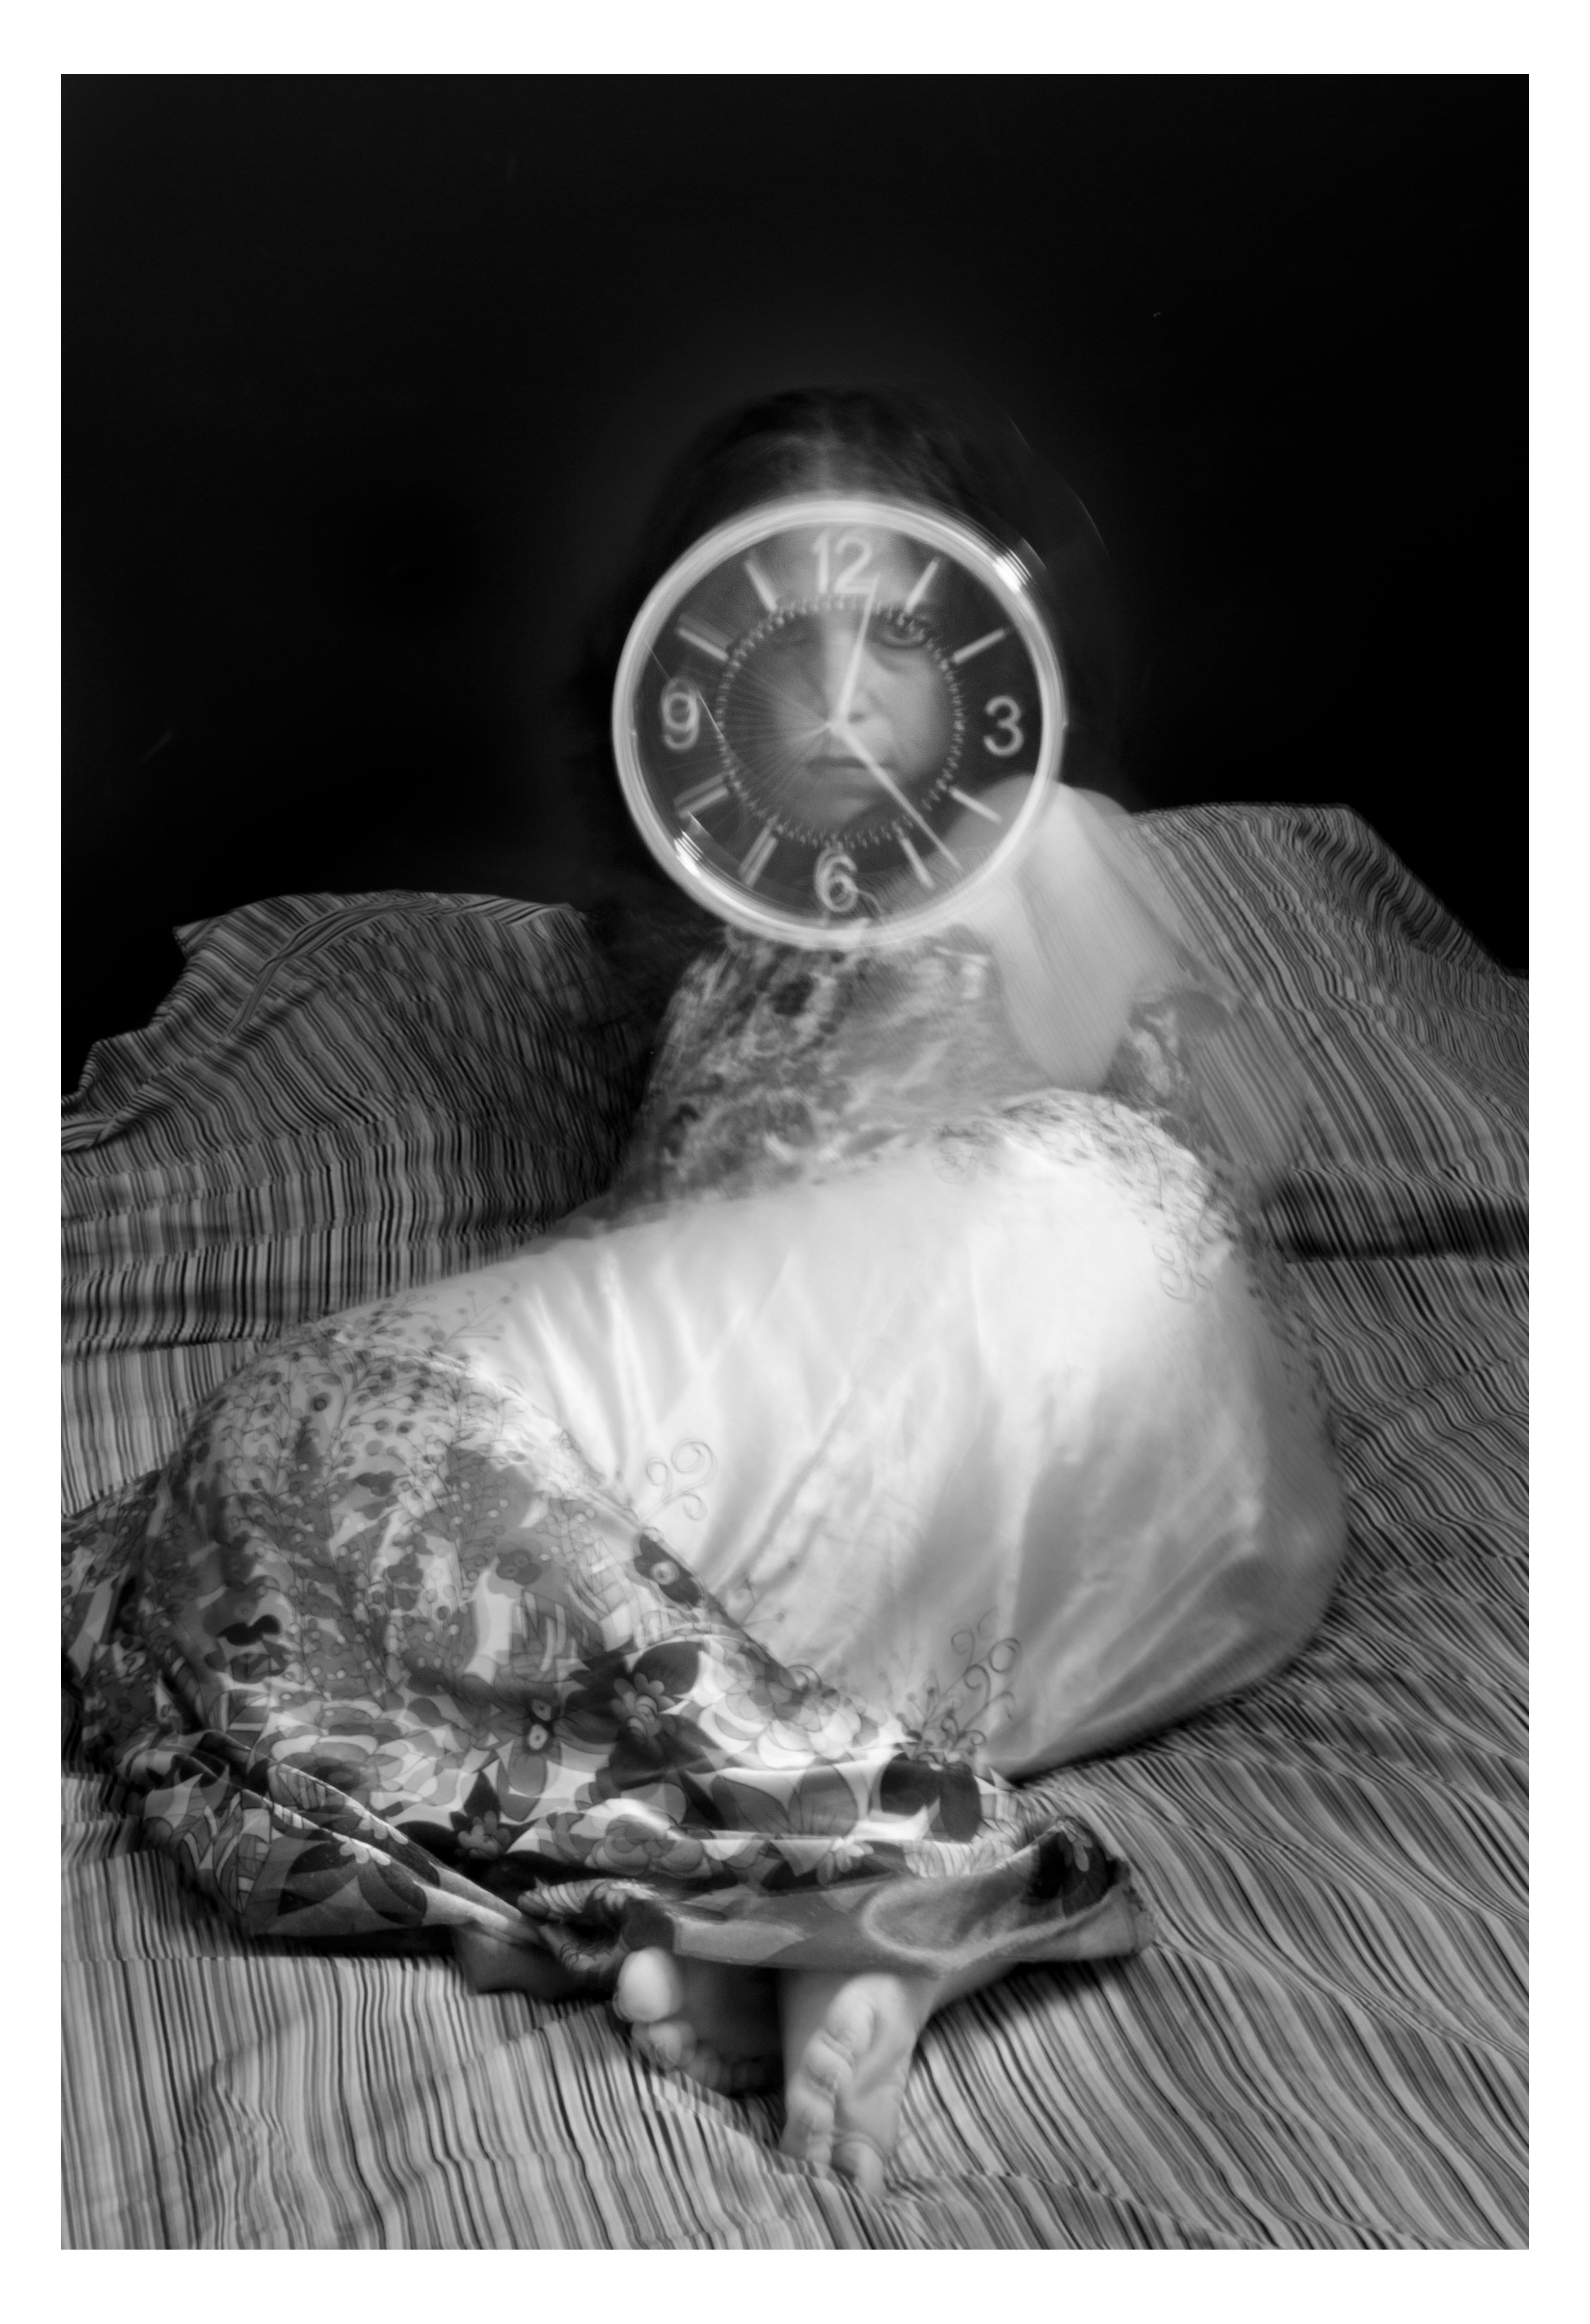 Life(time), 2011